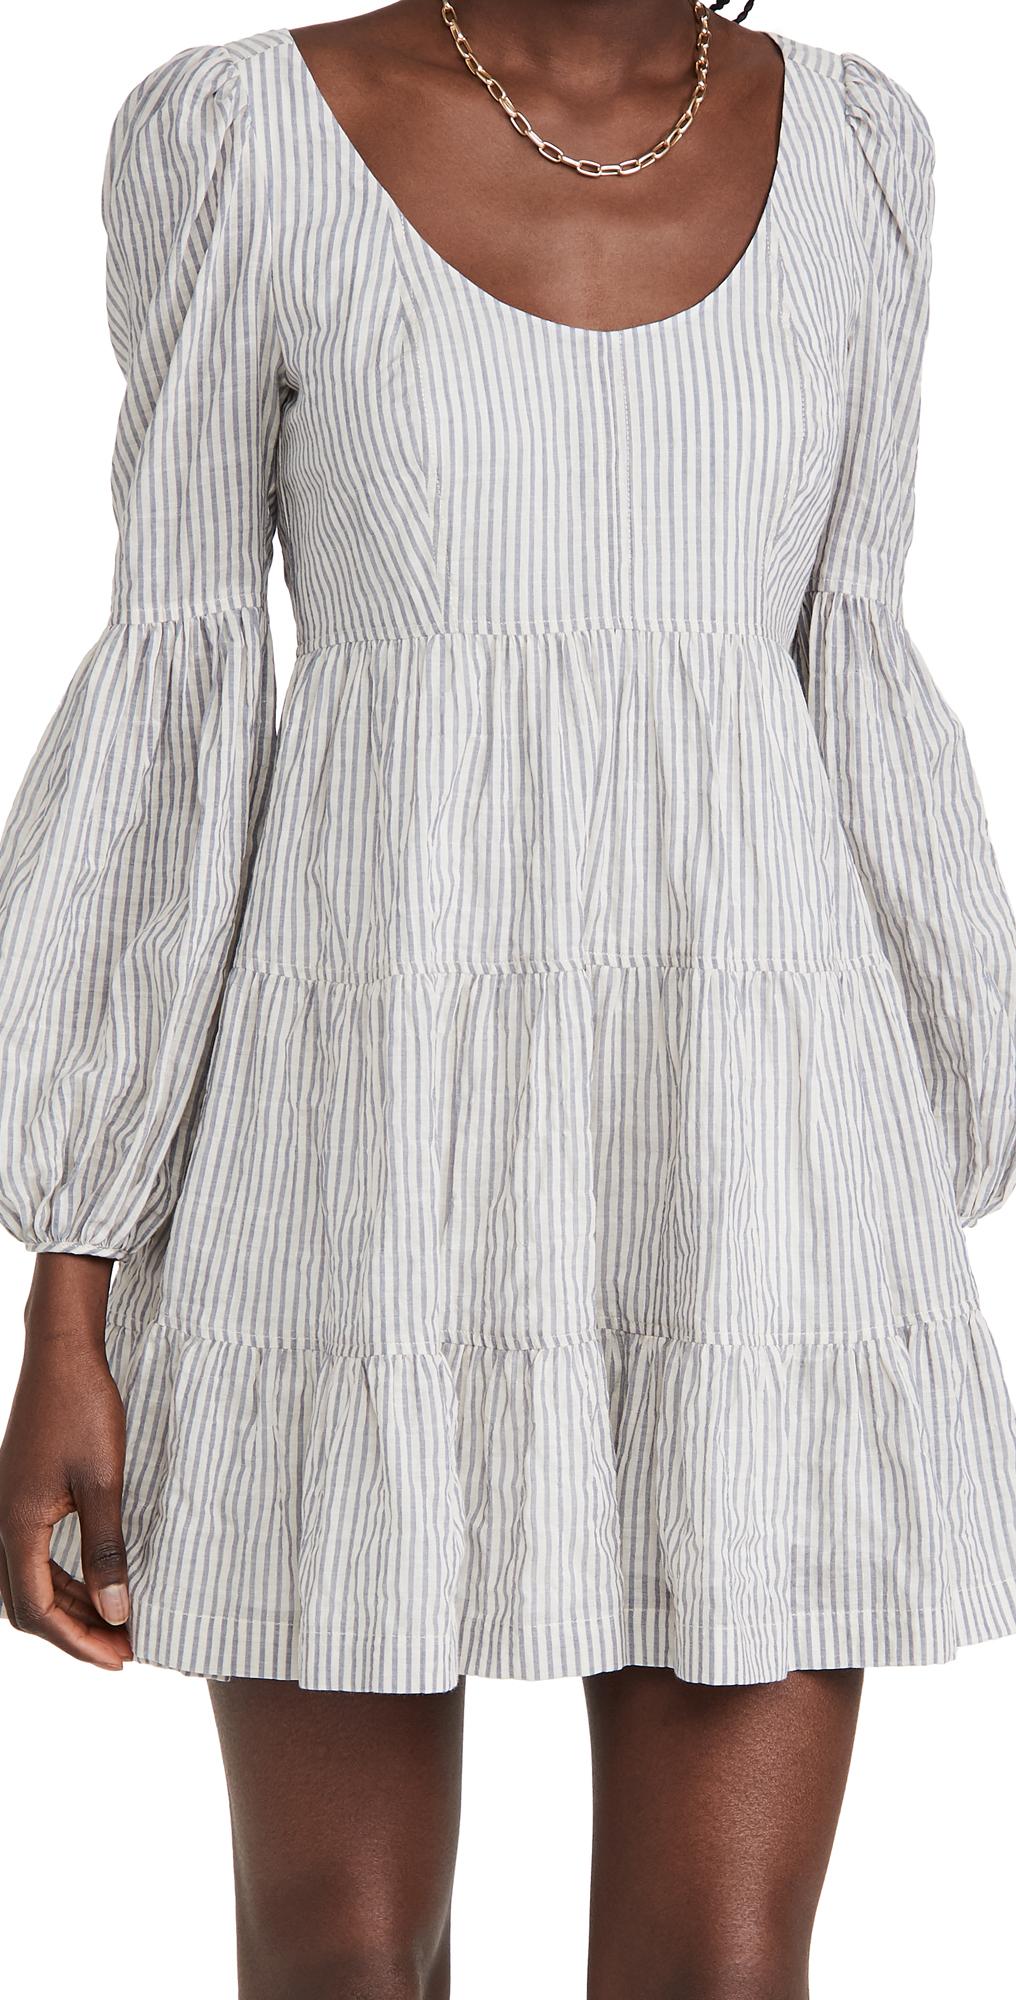 Cinq a Sept Striped Rose Dress